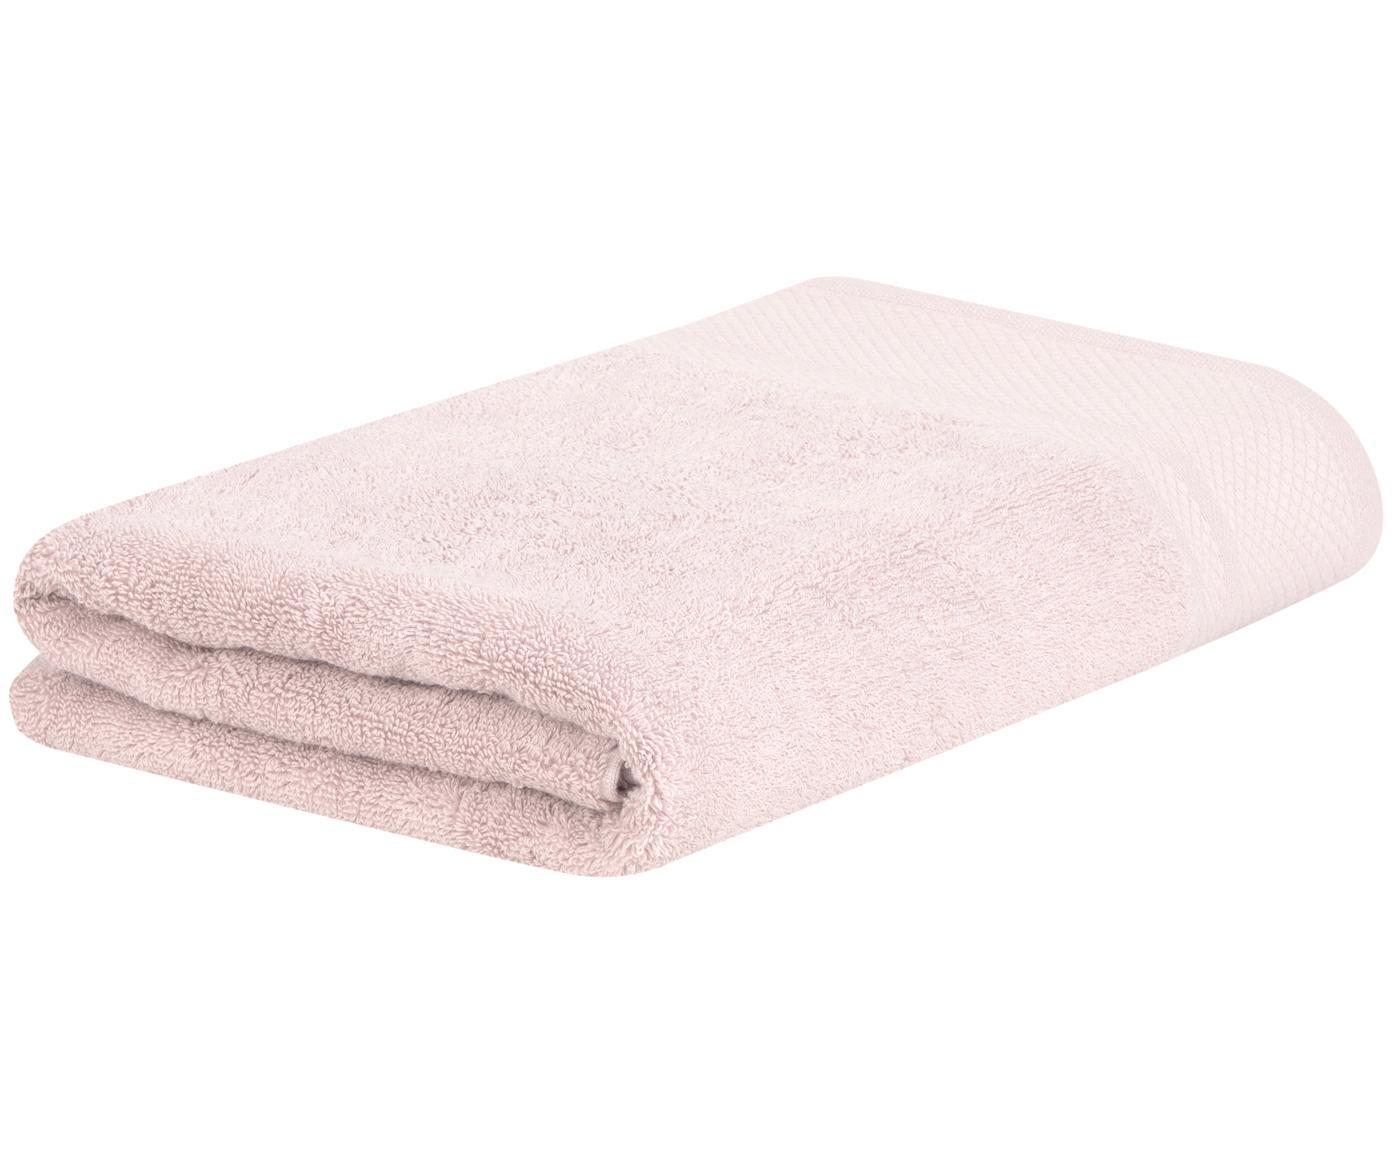 Toalla con cenefa clásica Premium, 100%algodón Gramaje superior 600g/m², Palo rosa, Toallas tocador